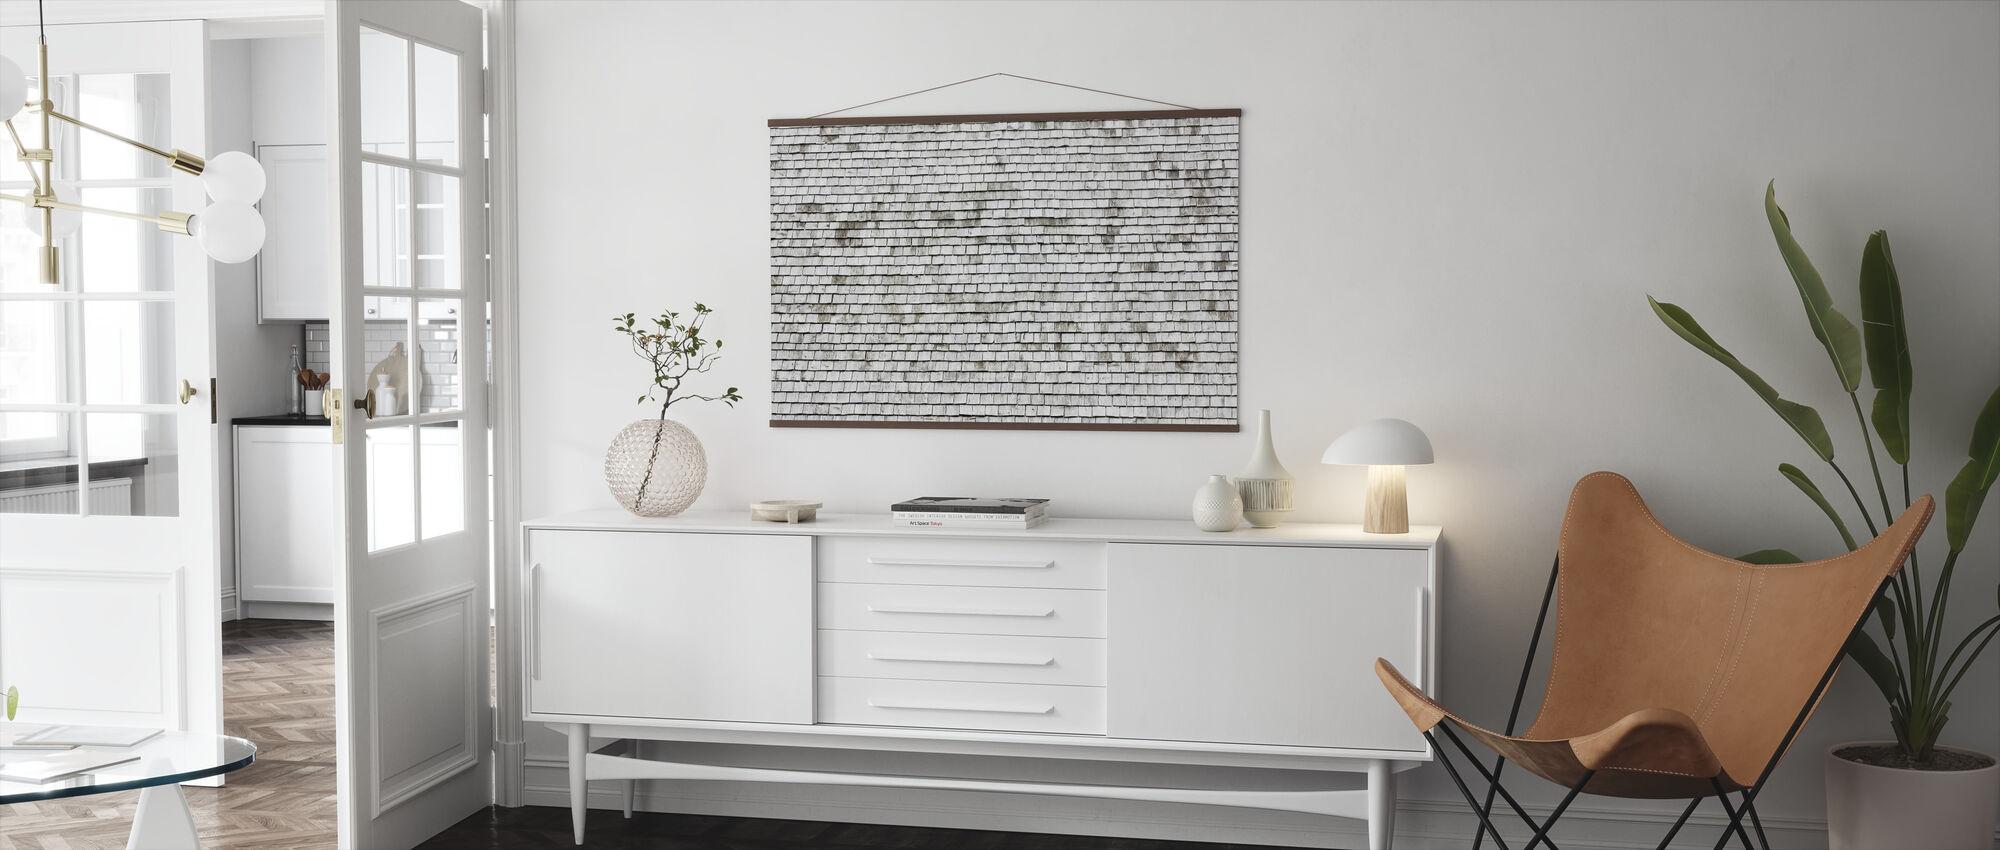 Shingled Roof - Poster - Living Room